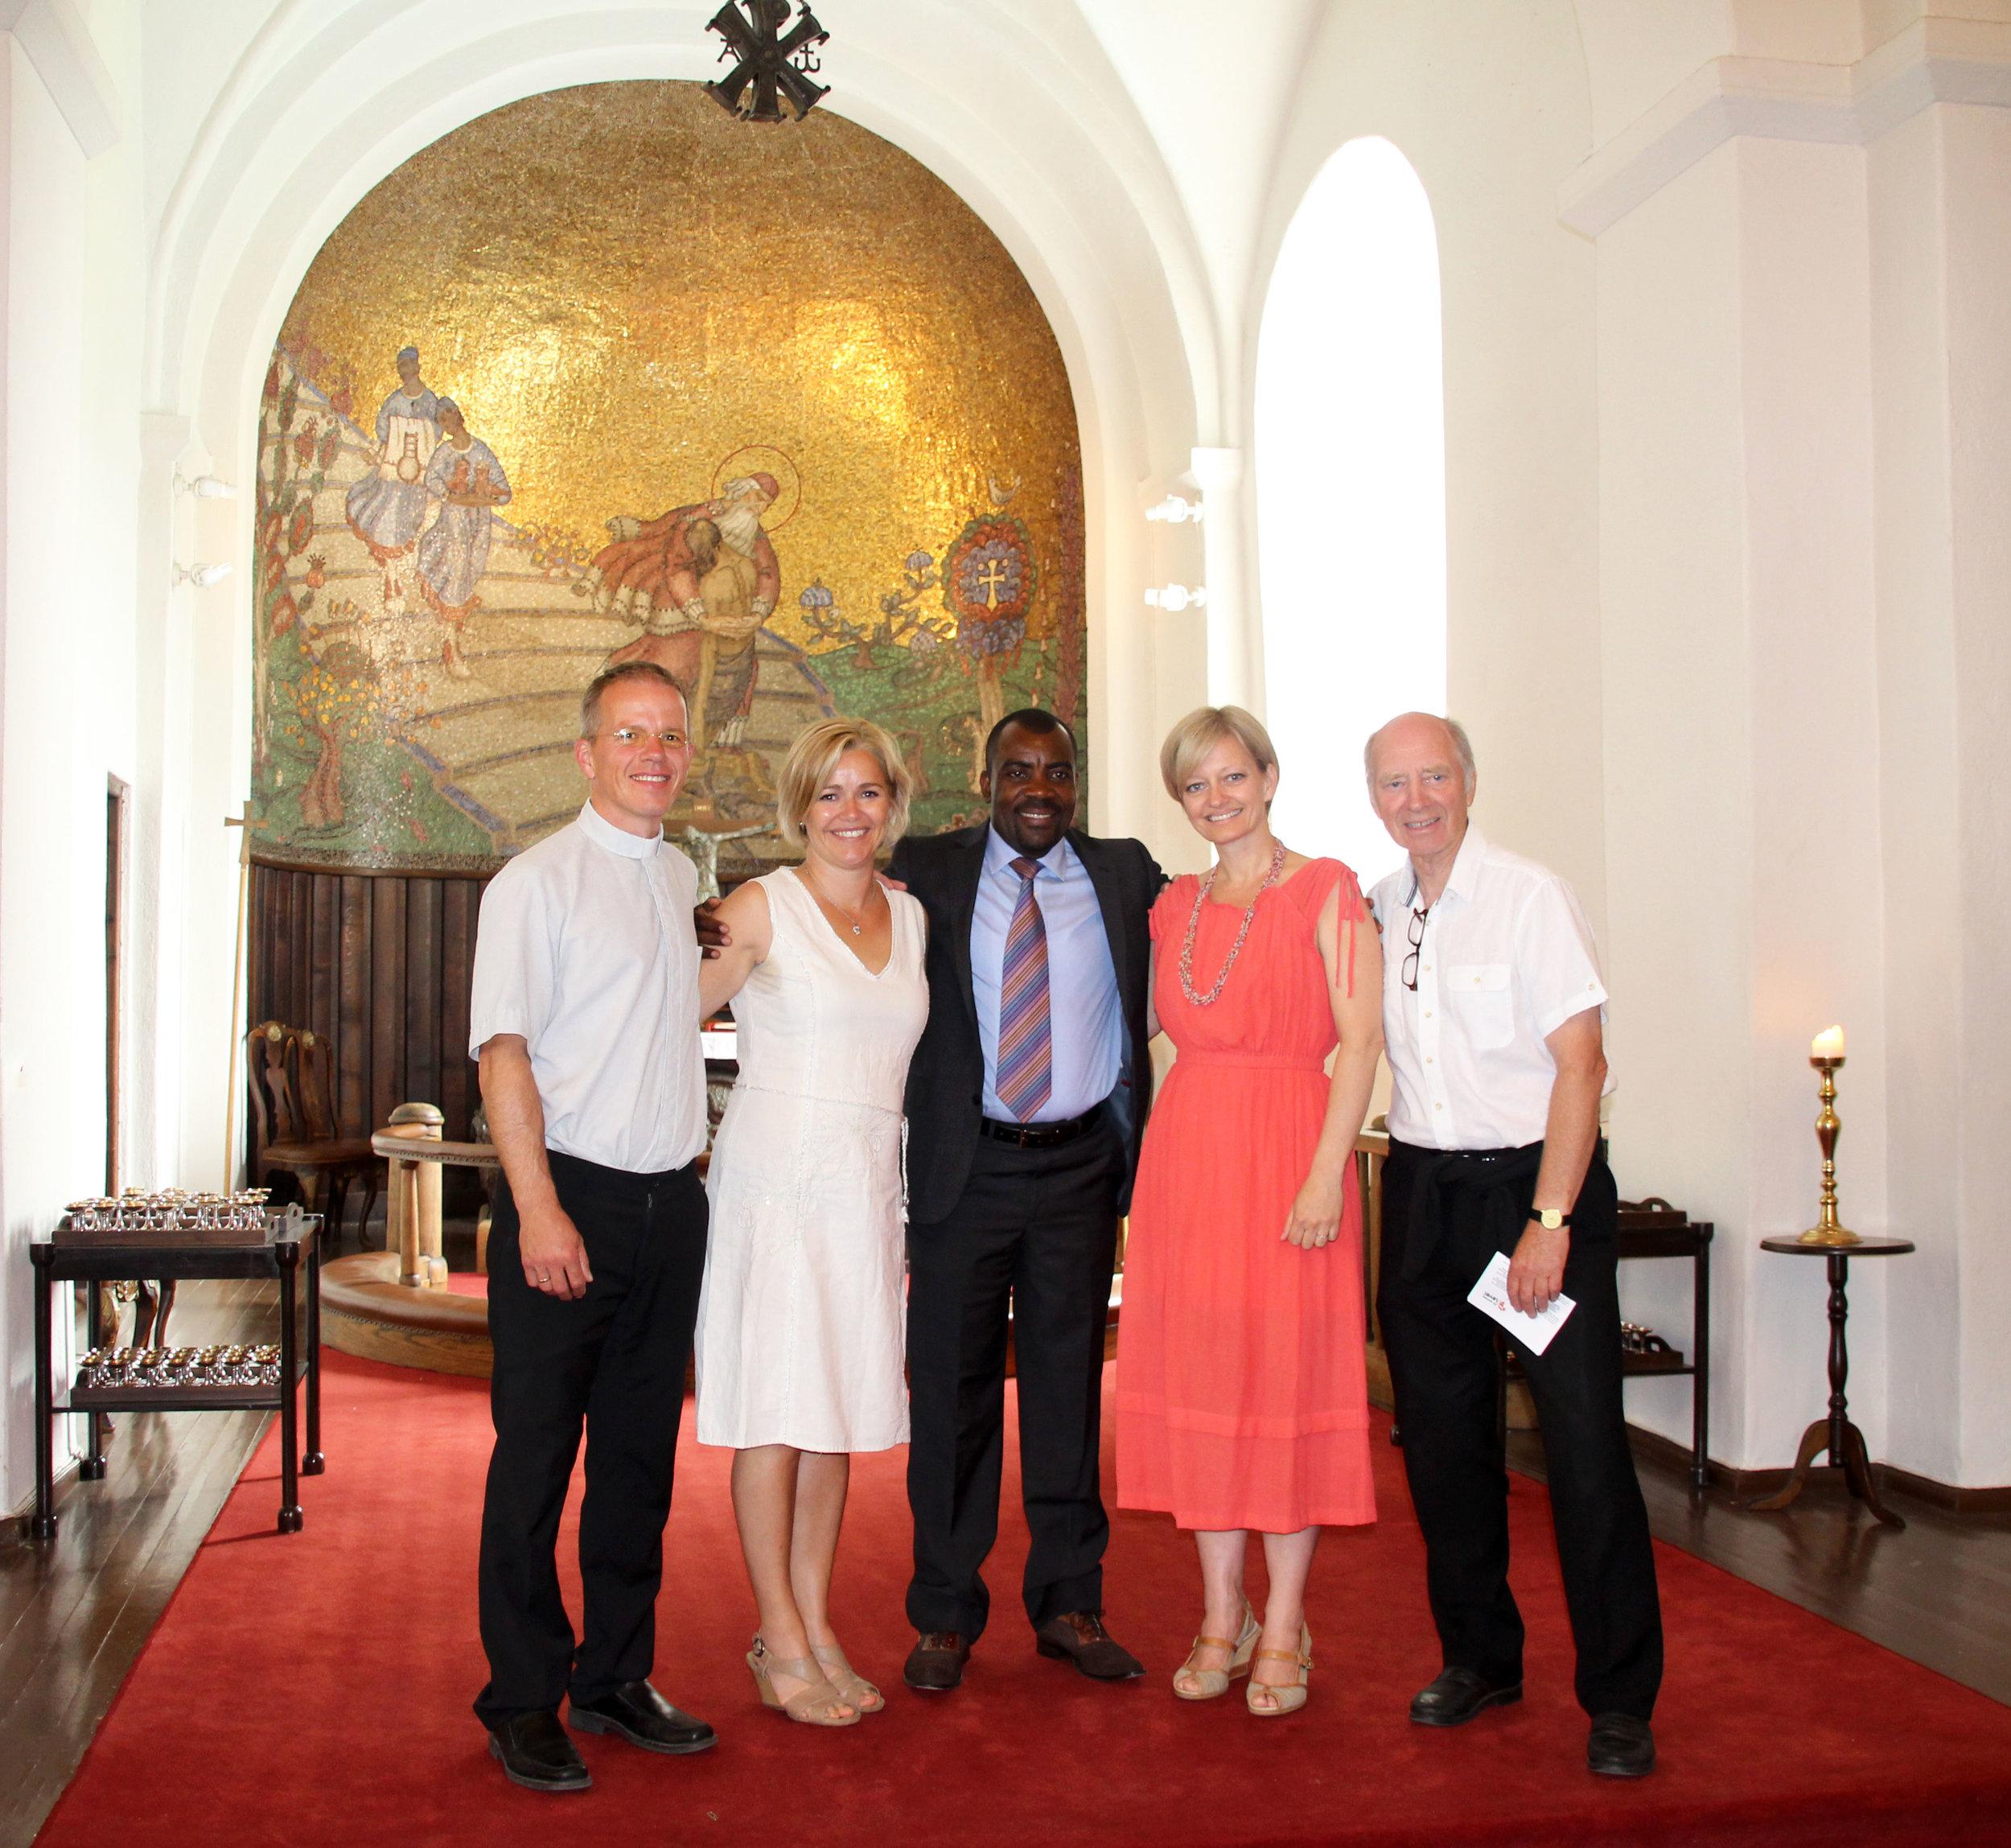 Kubisa med sogneprest Øystein Aronsen under et besøk i Gjerpen kirke. Styremedlemmer i La Afrika Leve; Tonje Aronsen og Vera Eriksrød. Seniorrådgiver Karl Fredrik Kittilsen til høyre.